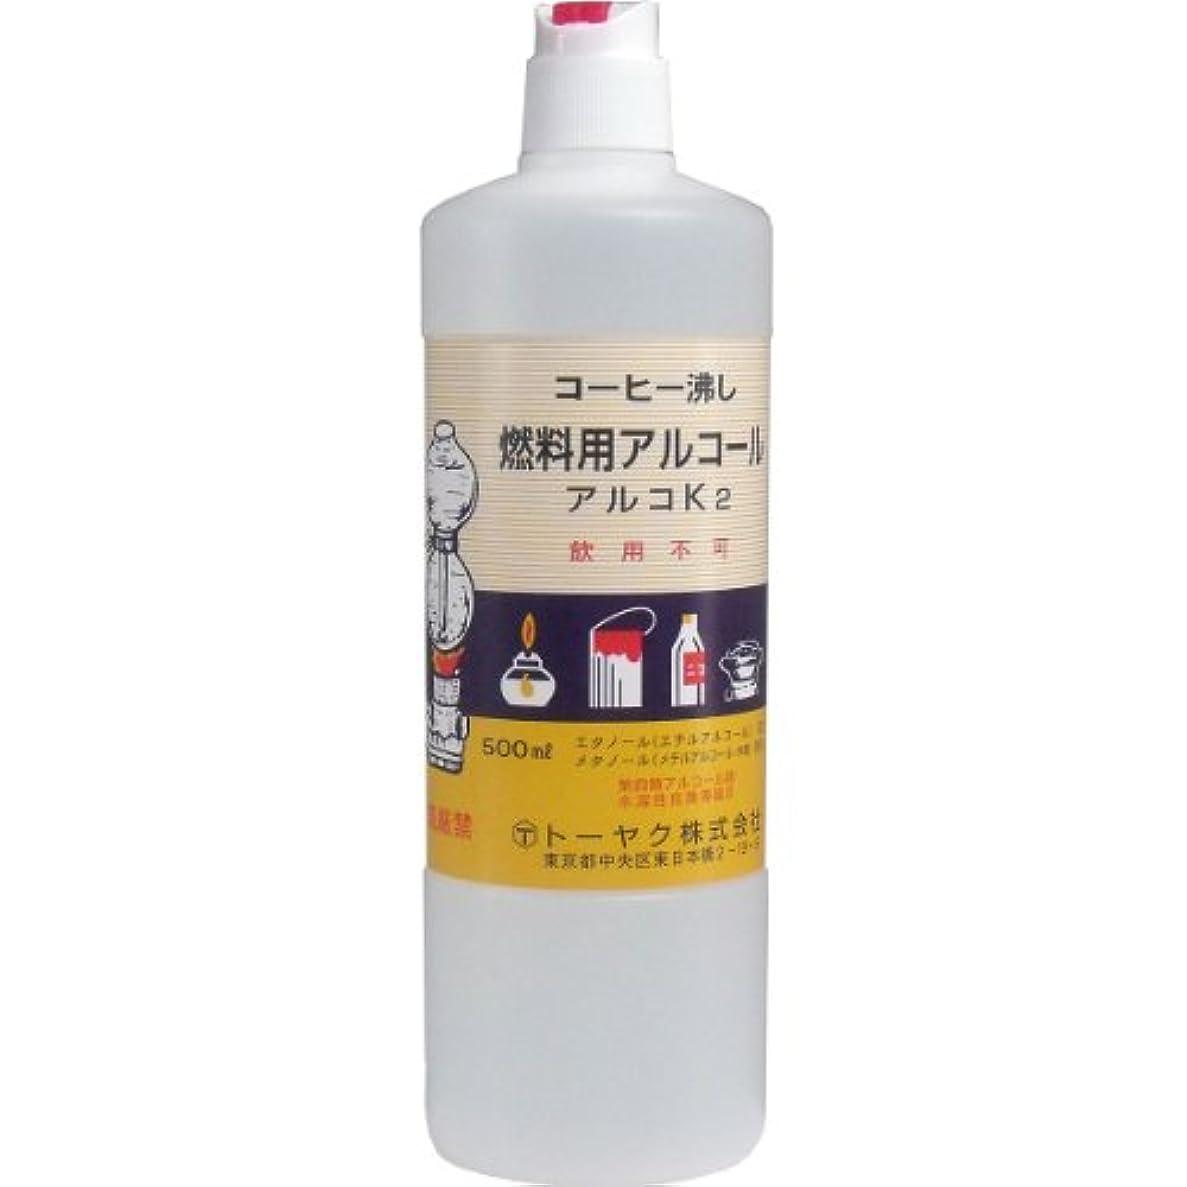 バット鳴り響くディスコ燃料用アルコール アルコK2 ×3個セット